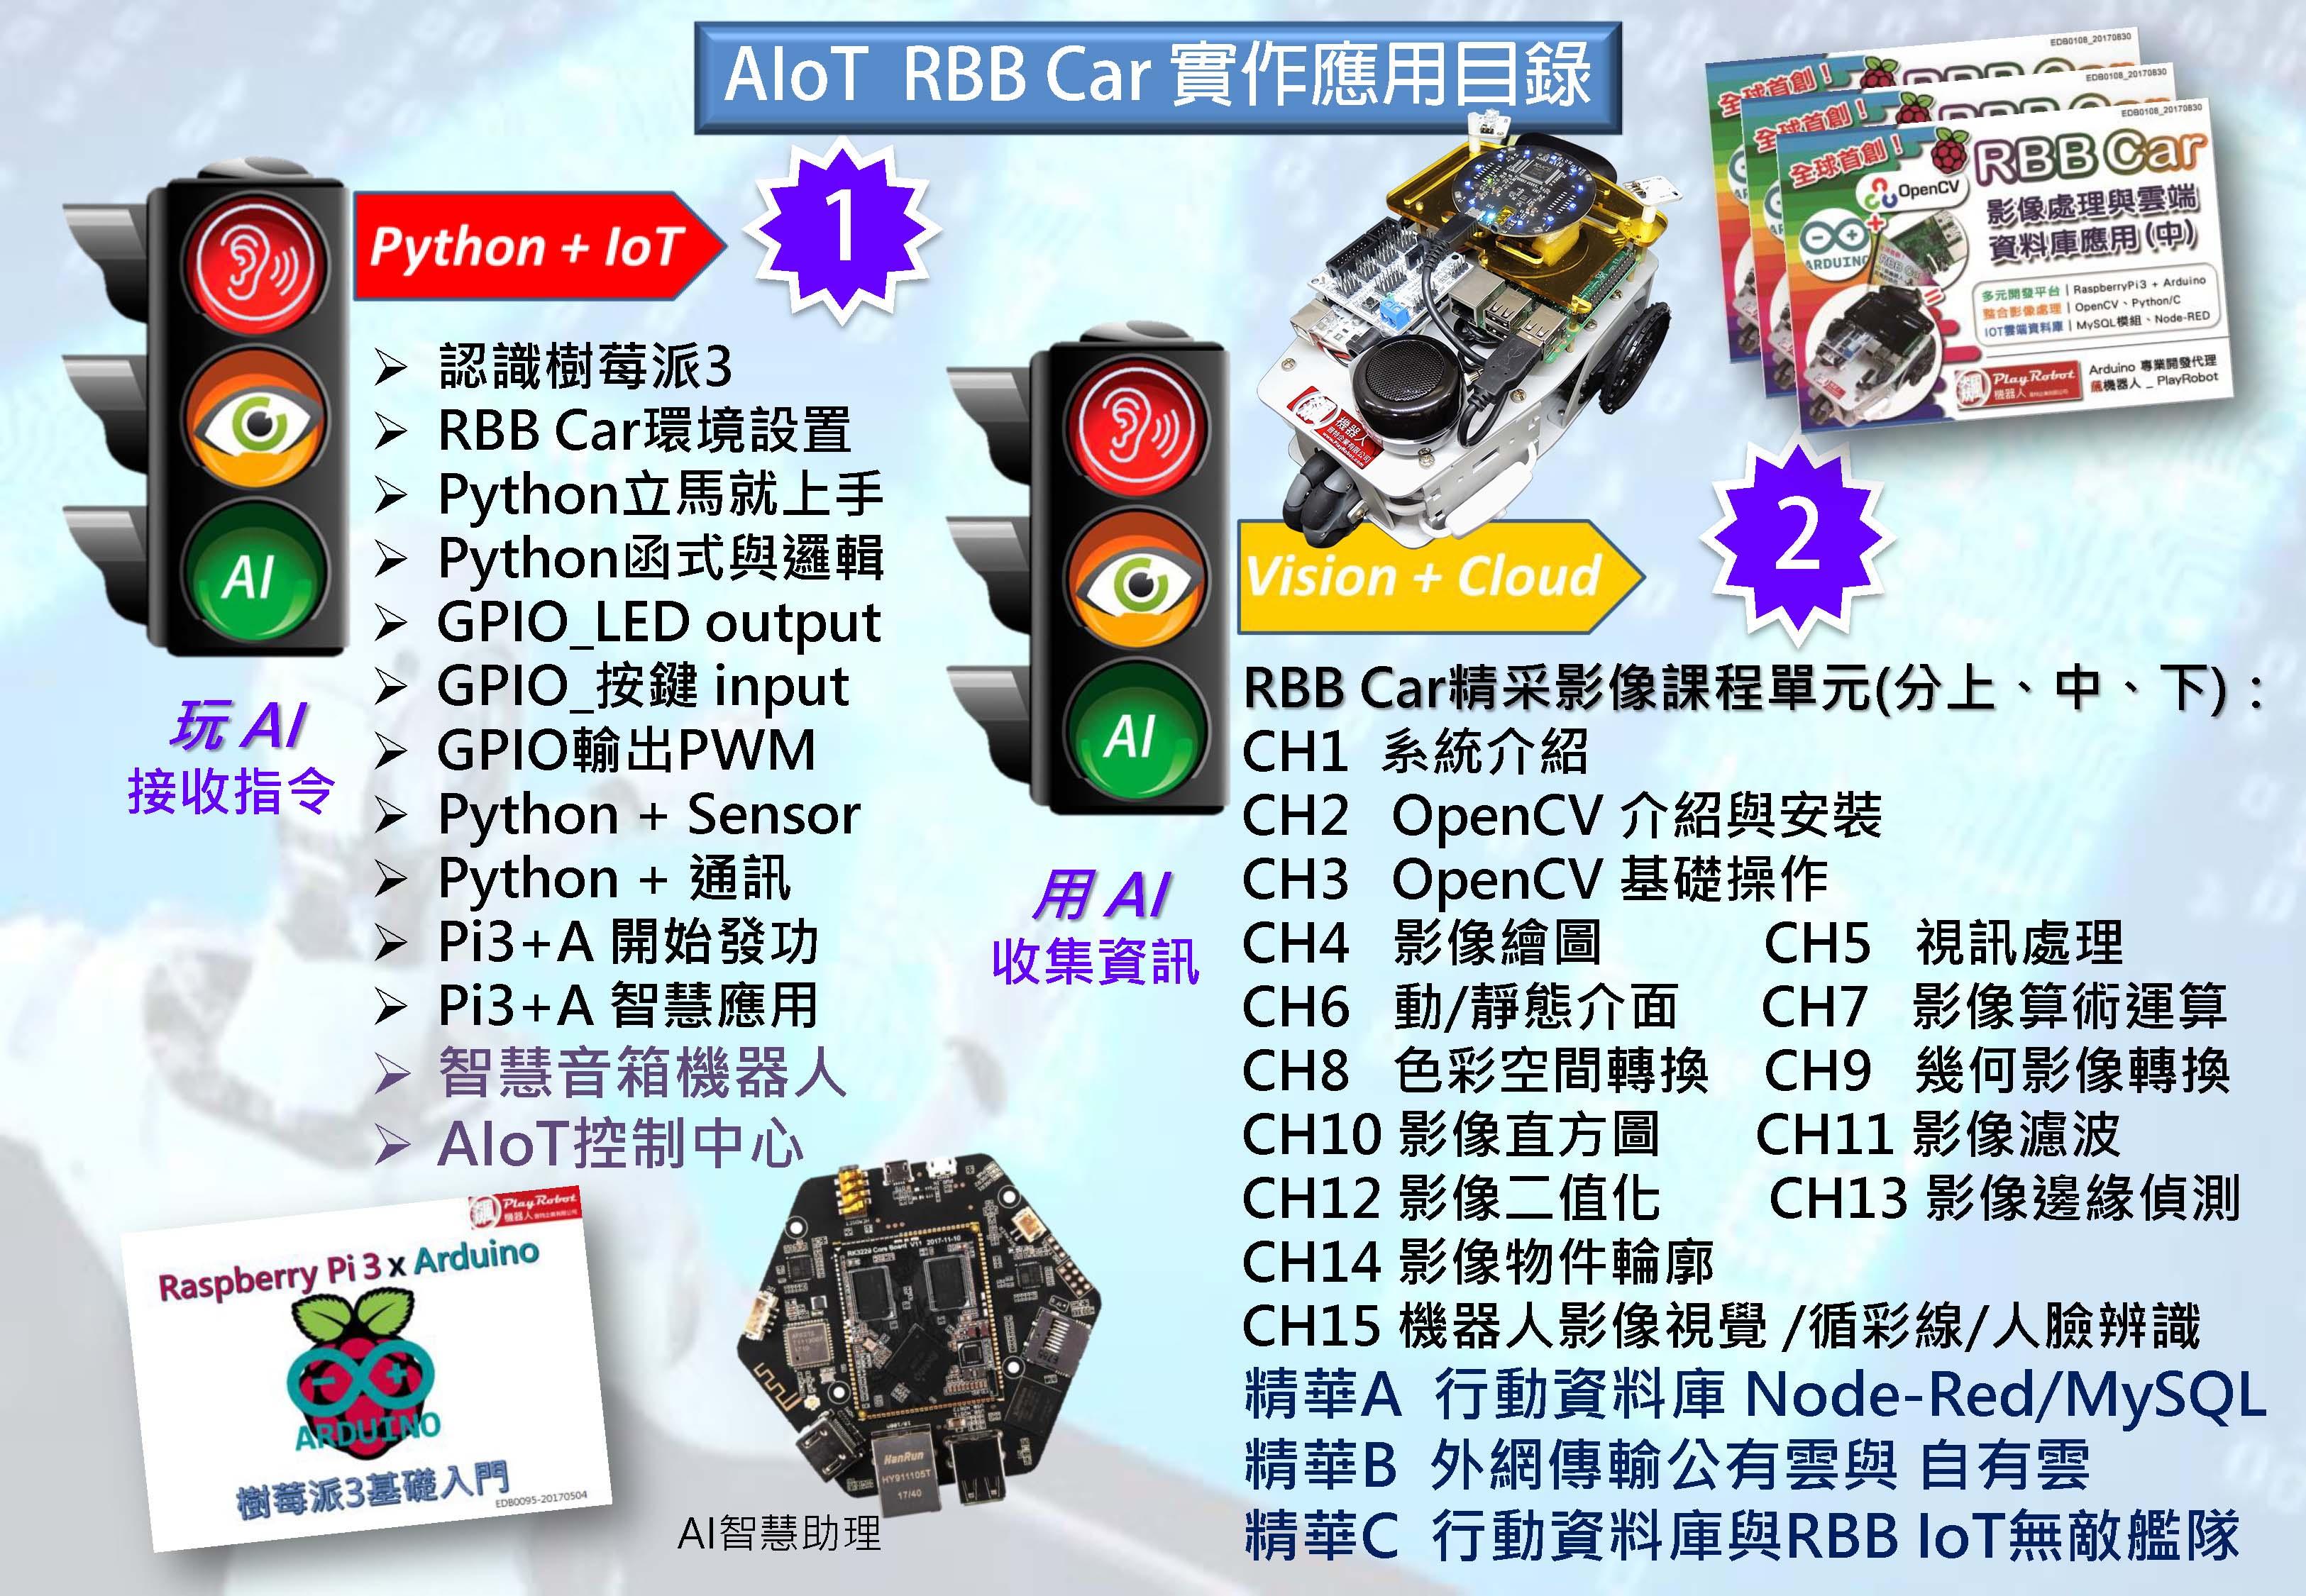 AIoT RBB_2.jpg